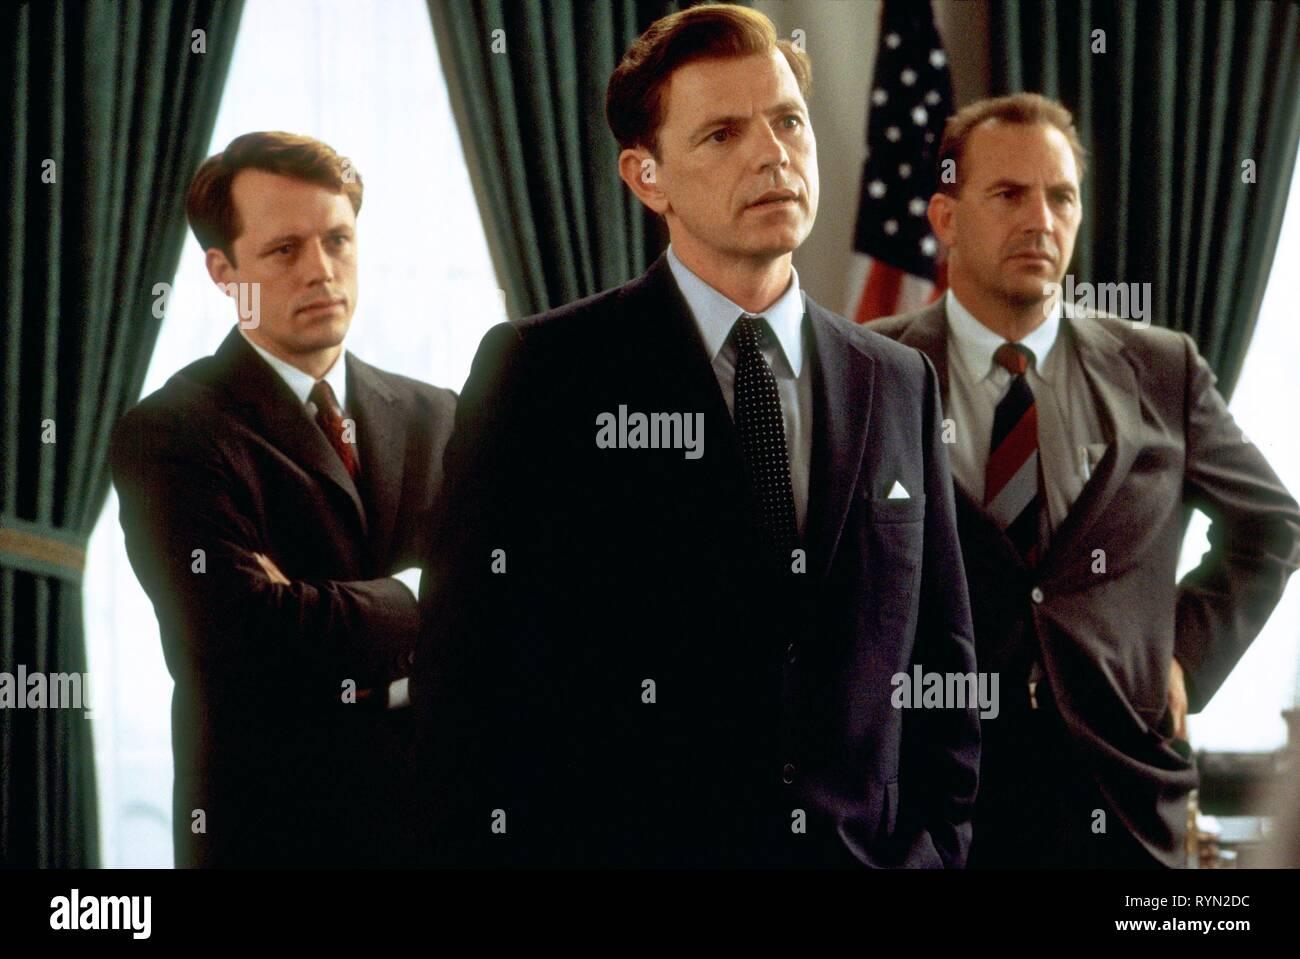 CULP,GREENWOOD,Costner, trece días, 2000 Imagen De Stock